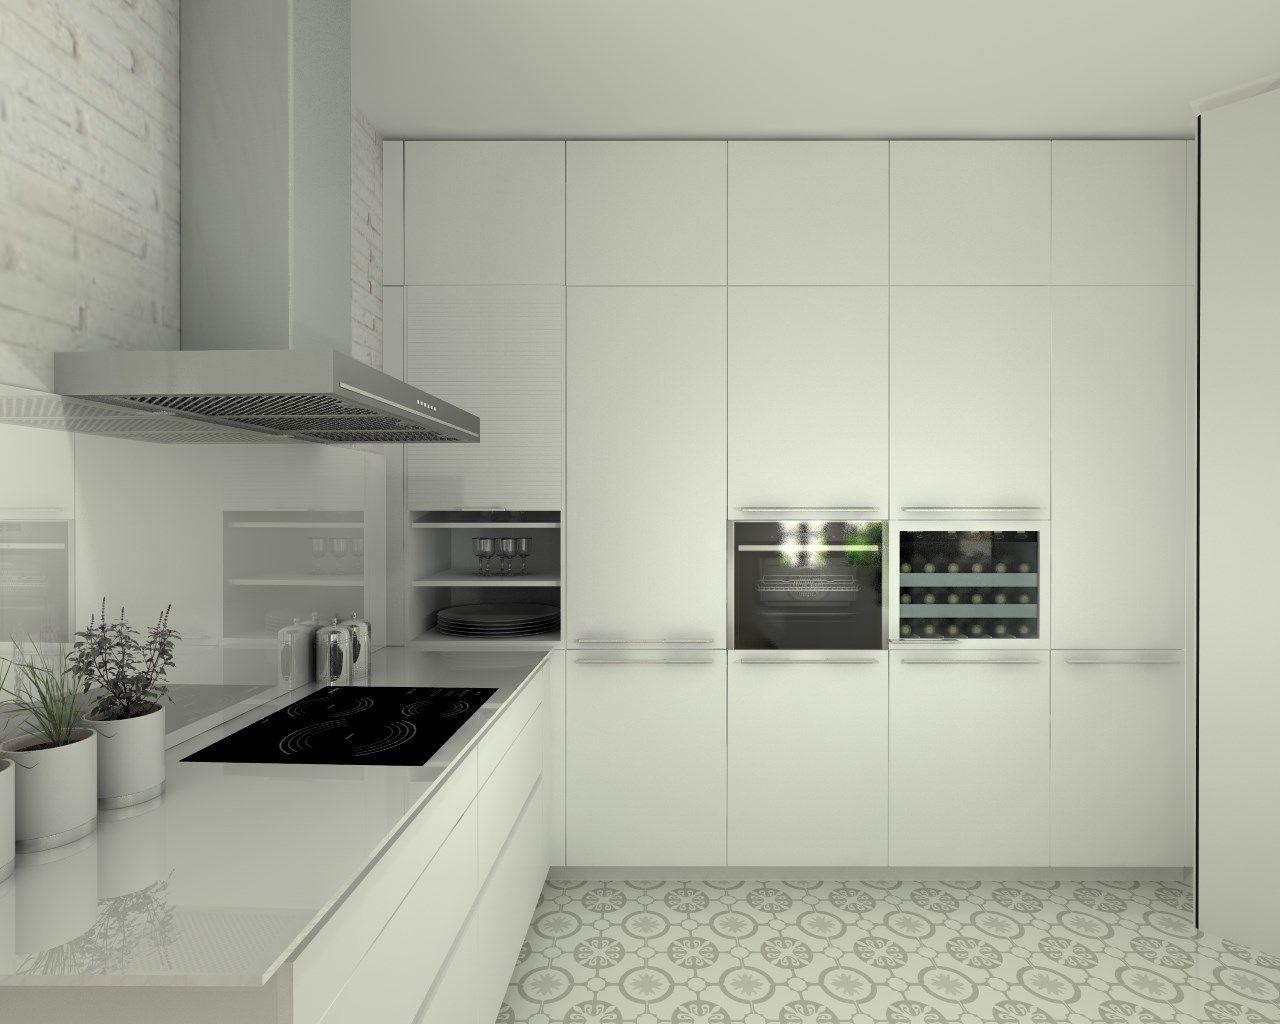 Cocina santos modelo line estratificado blanco encimera - Docrys cocinas ...